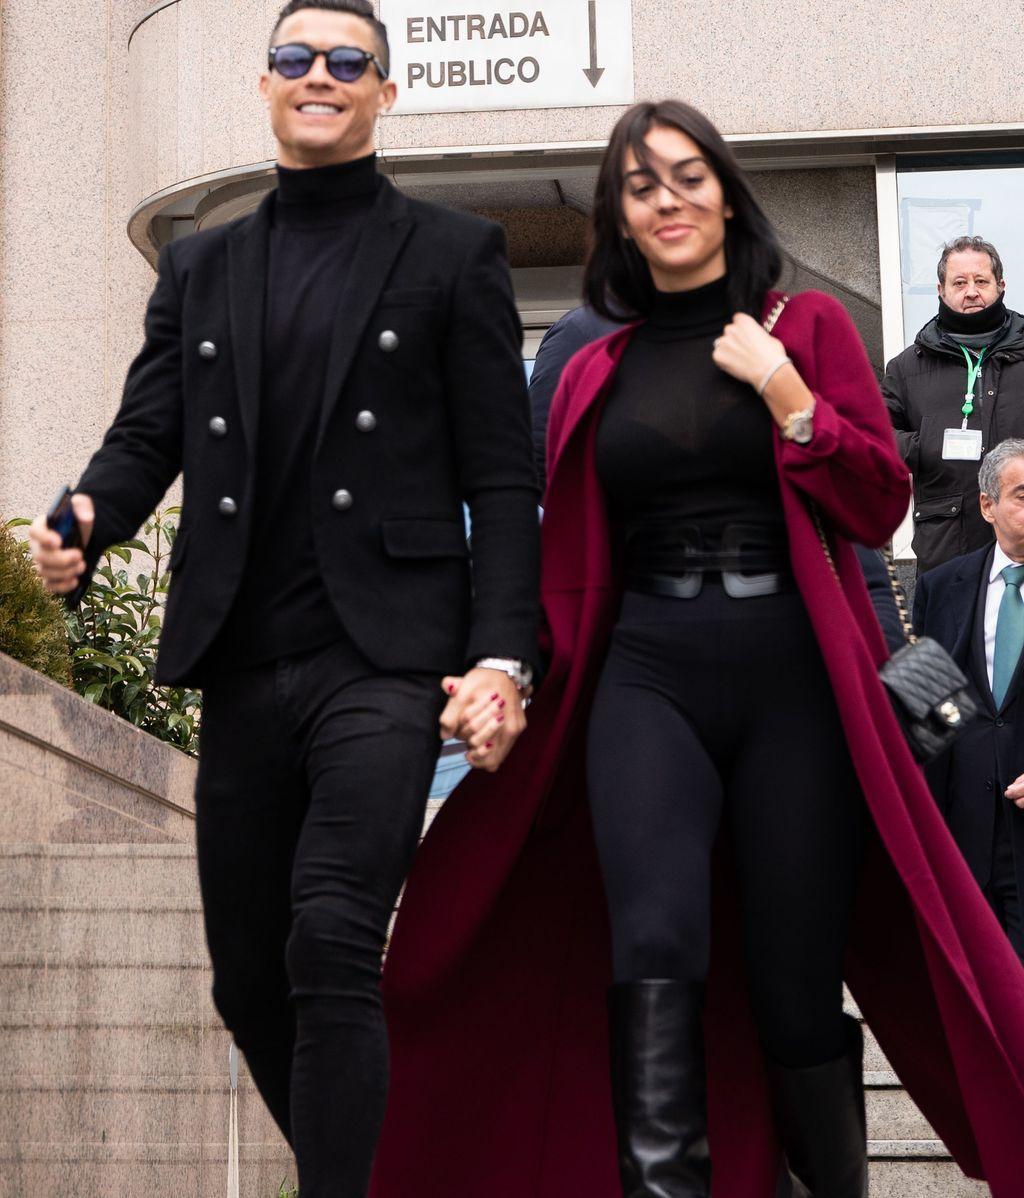 Arreglados pero informales: los looks de Georgina y Cristiano para ir a los juzgados, a examen